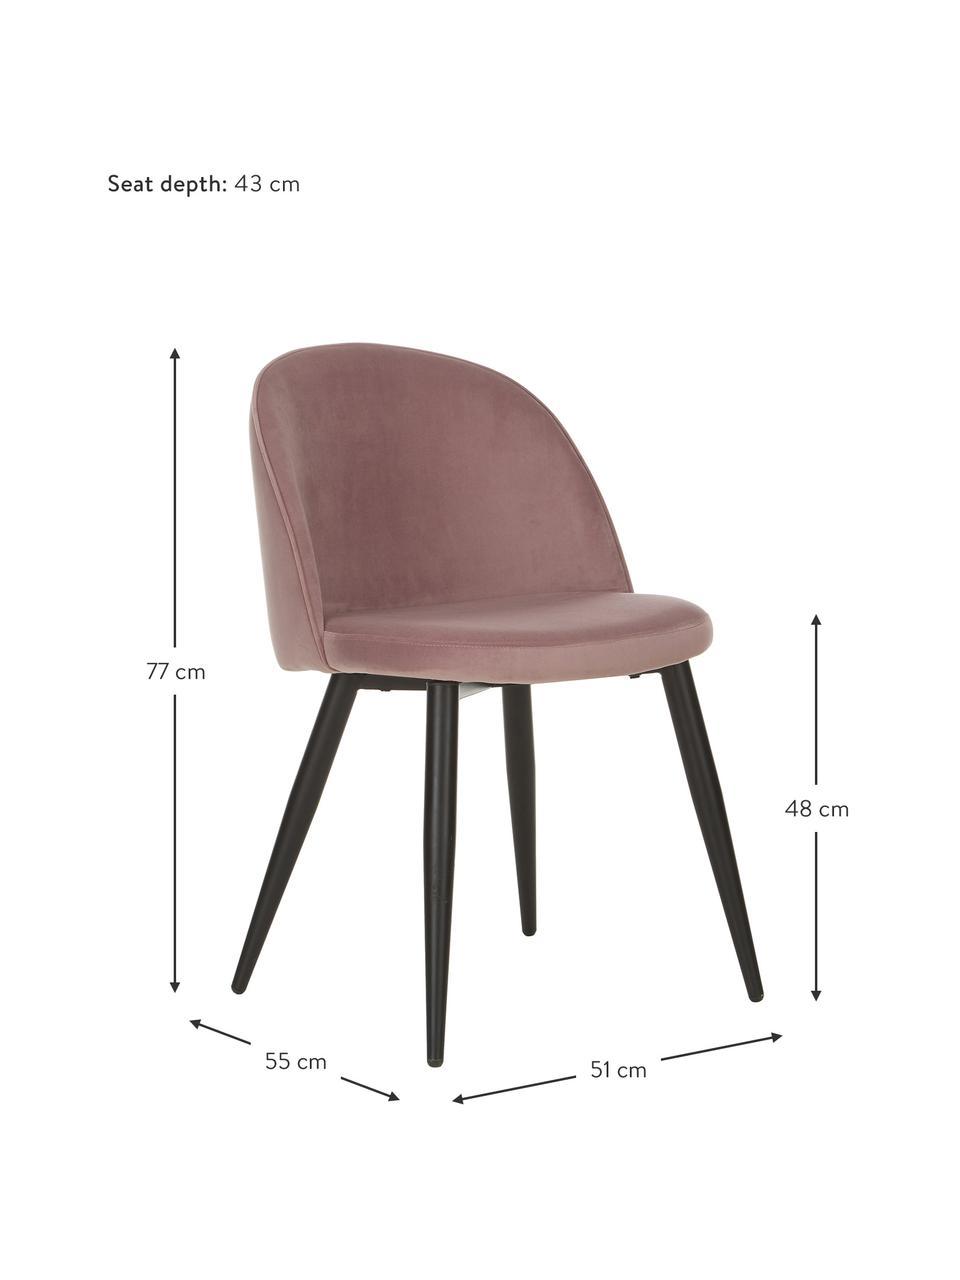 Sedia imbottita in velluto Amy 2 pz, Rivestimento: velluto (poliestere) 25.0, Gambe: metallo verniciato a polv, Rosa, Larg. 51 x Prof. 55 cm